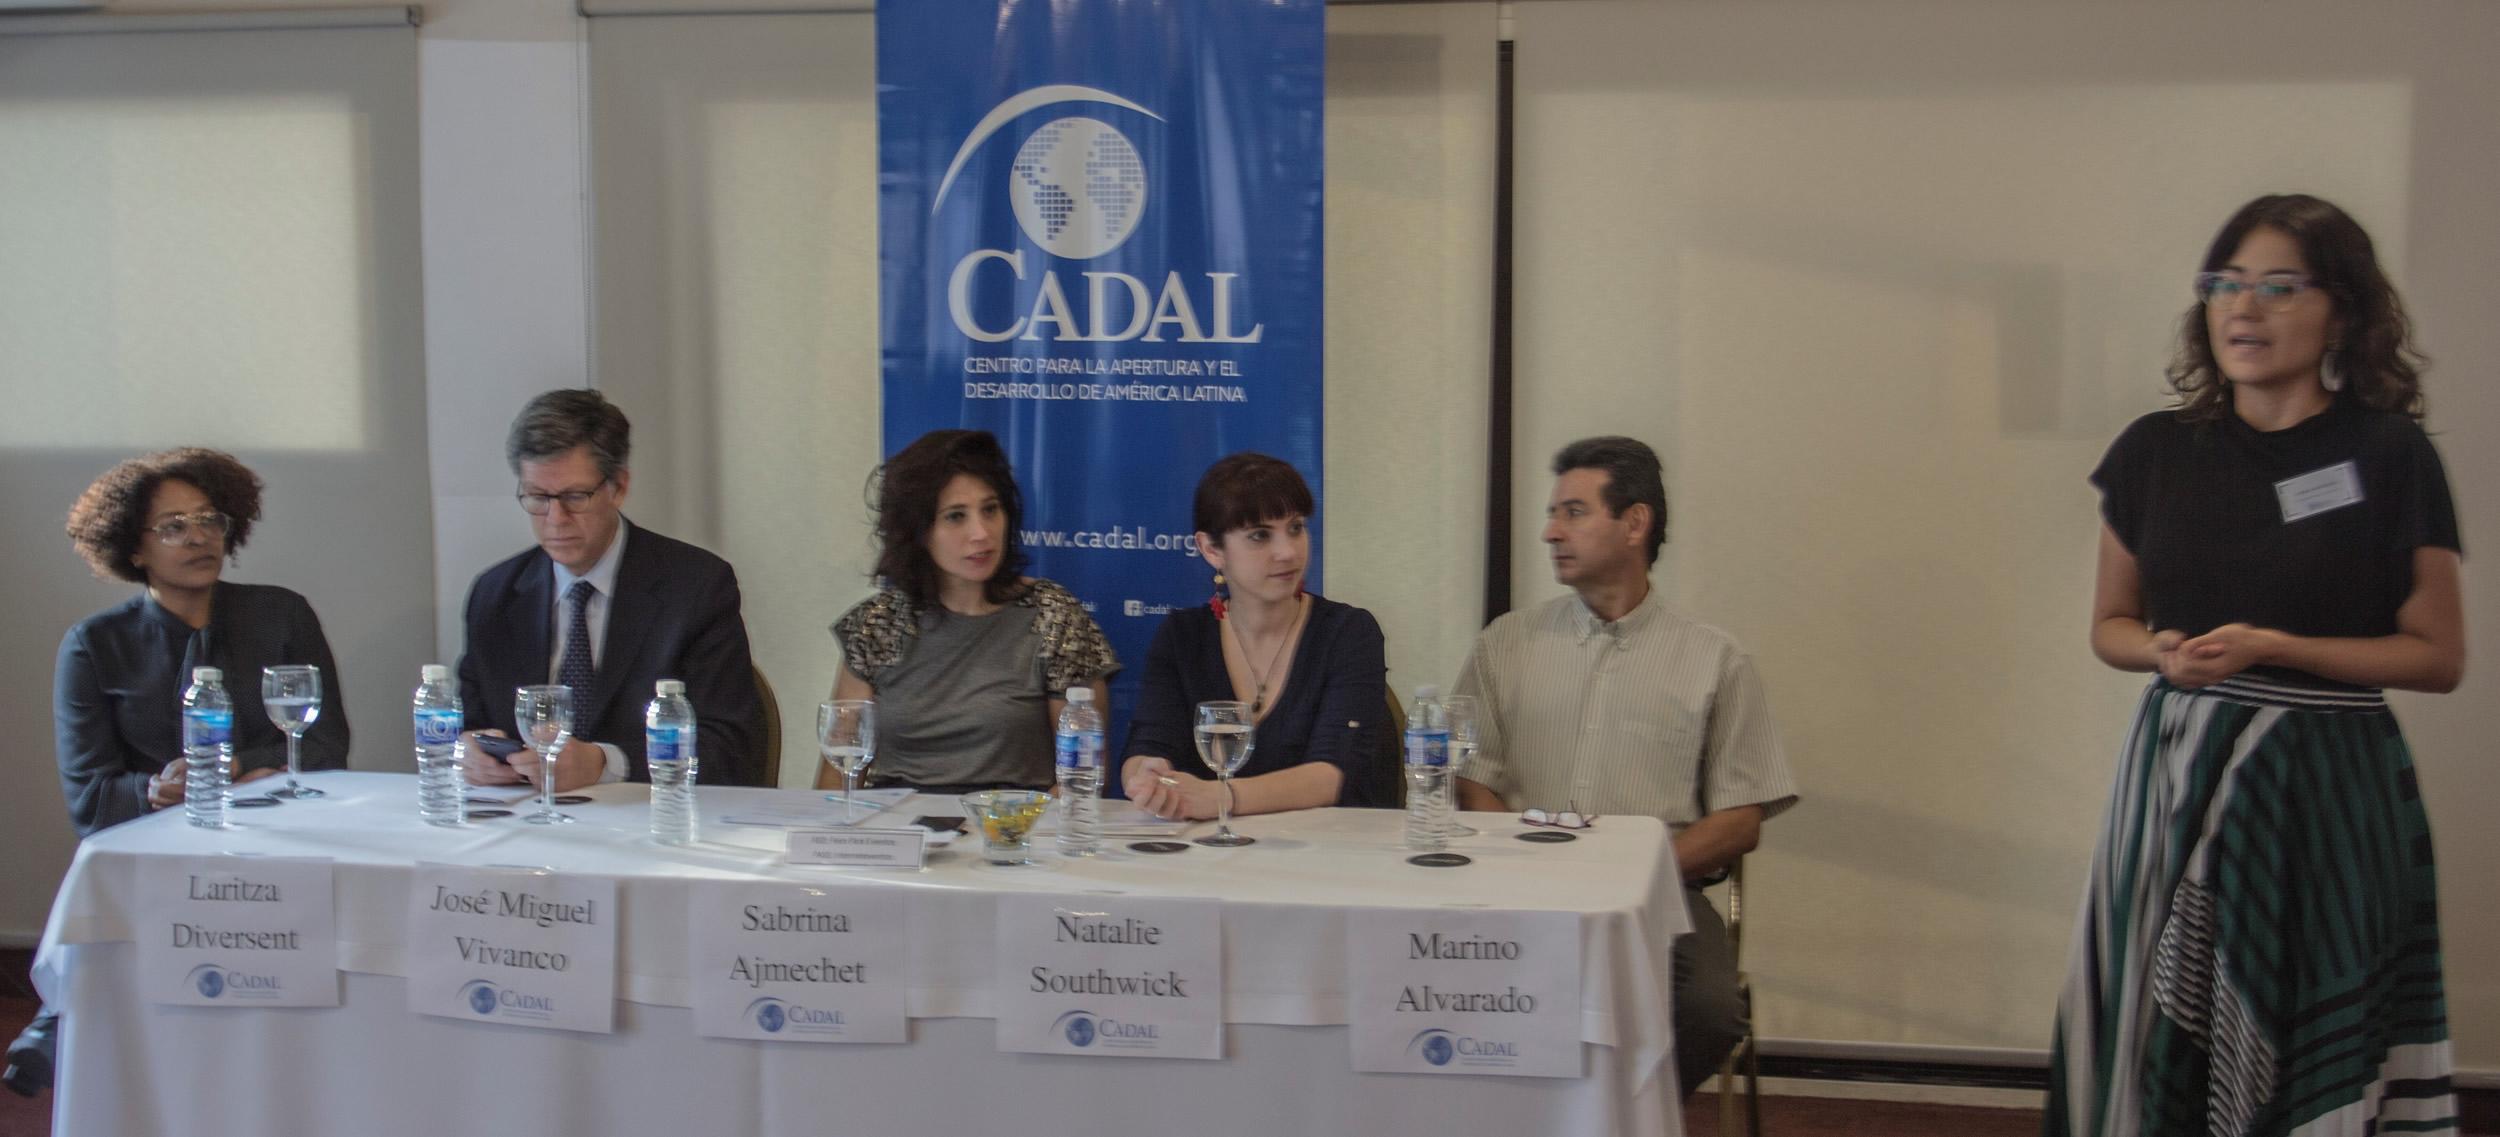 Diana Arévalo, Coordinadora Ejecutiva de CADAL, en la apertura de la conferencia.